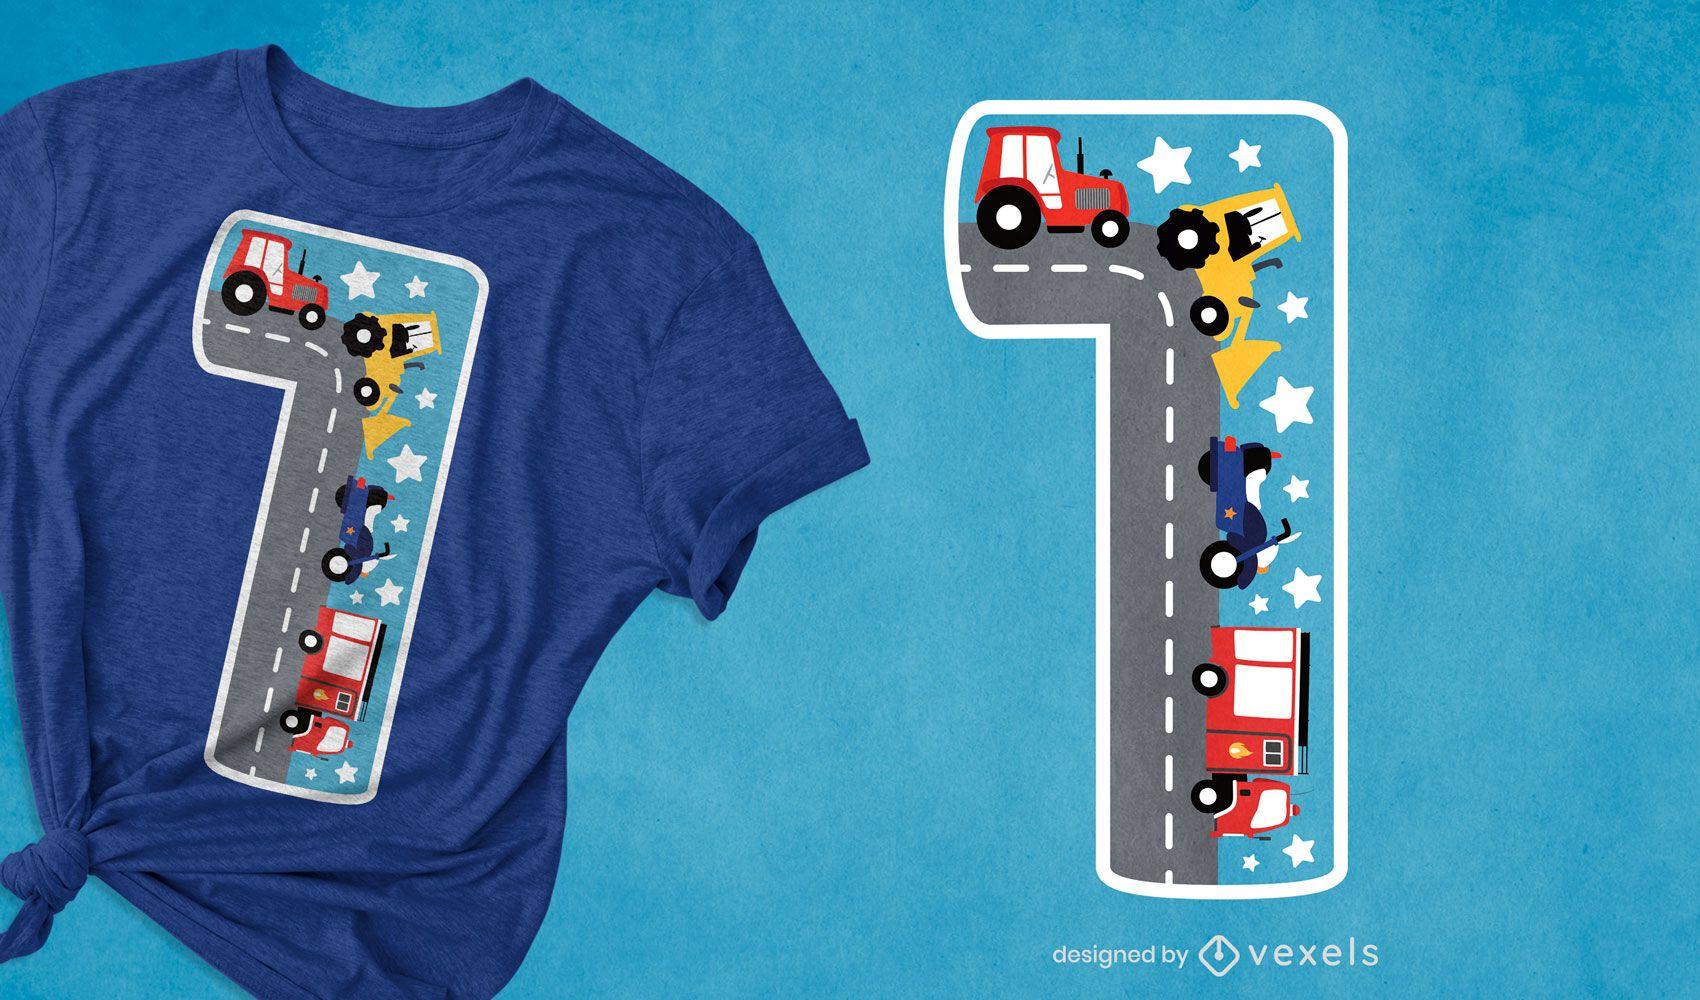 Nummer eins T-Shirt-Design im Alter von Kindern